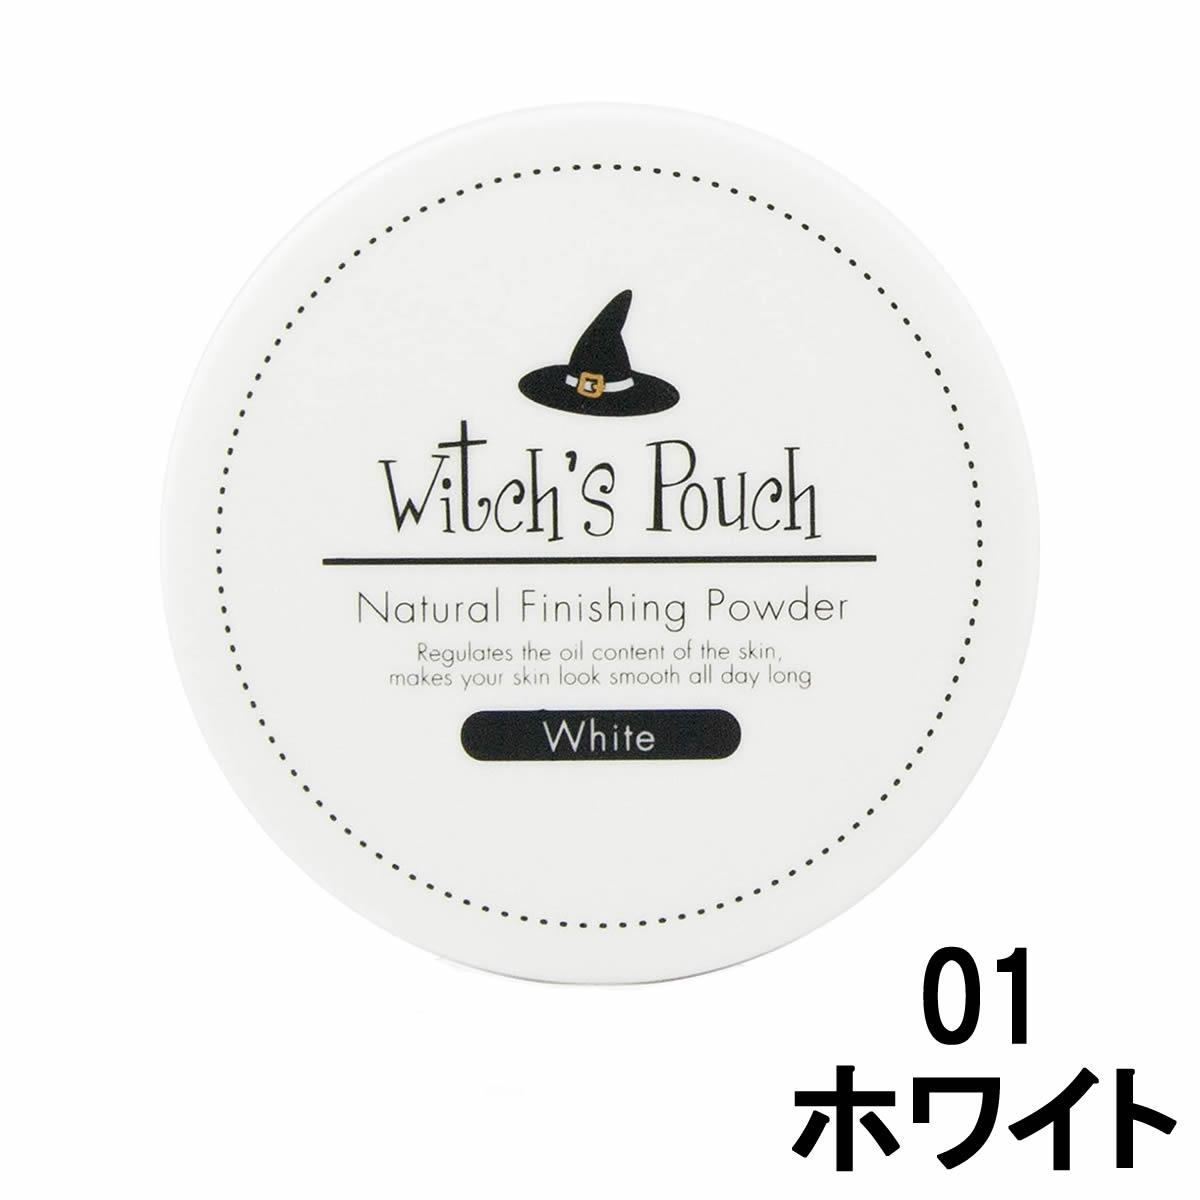 ナチュラル フィニッシング パウダー / 01ホワイト / 5g